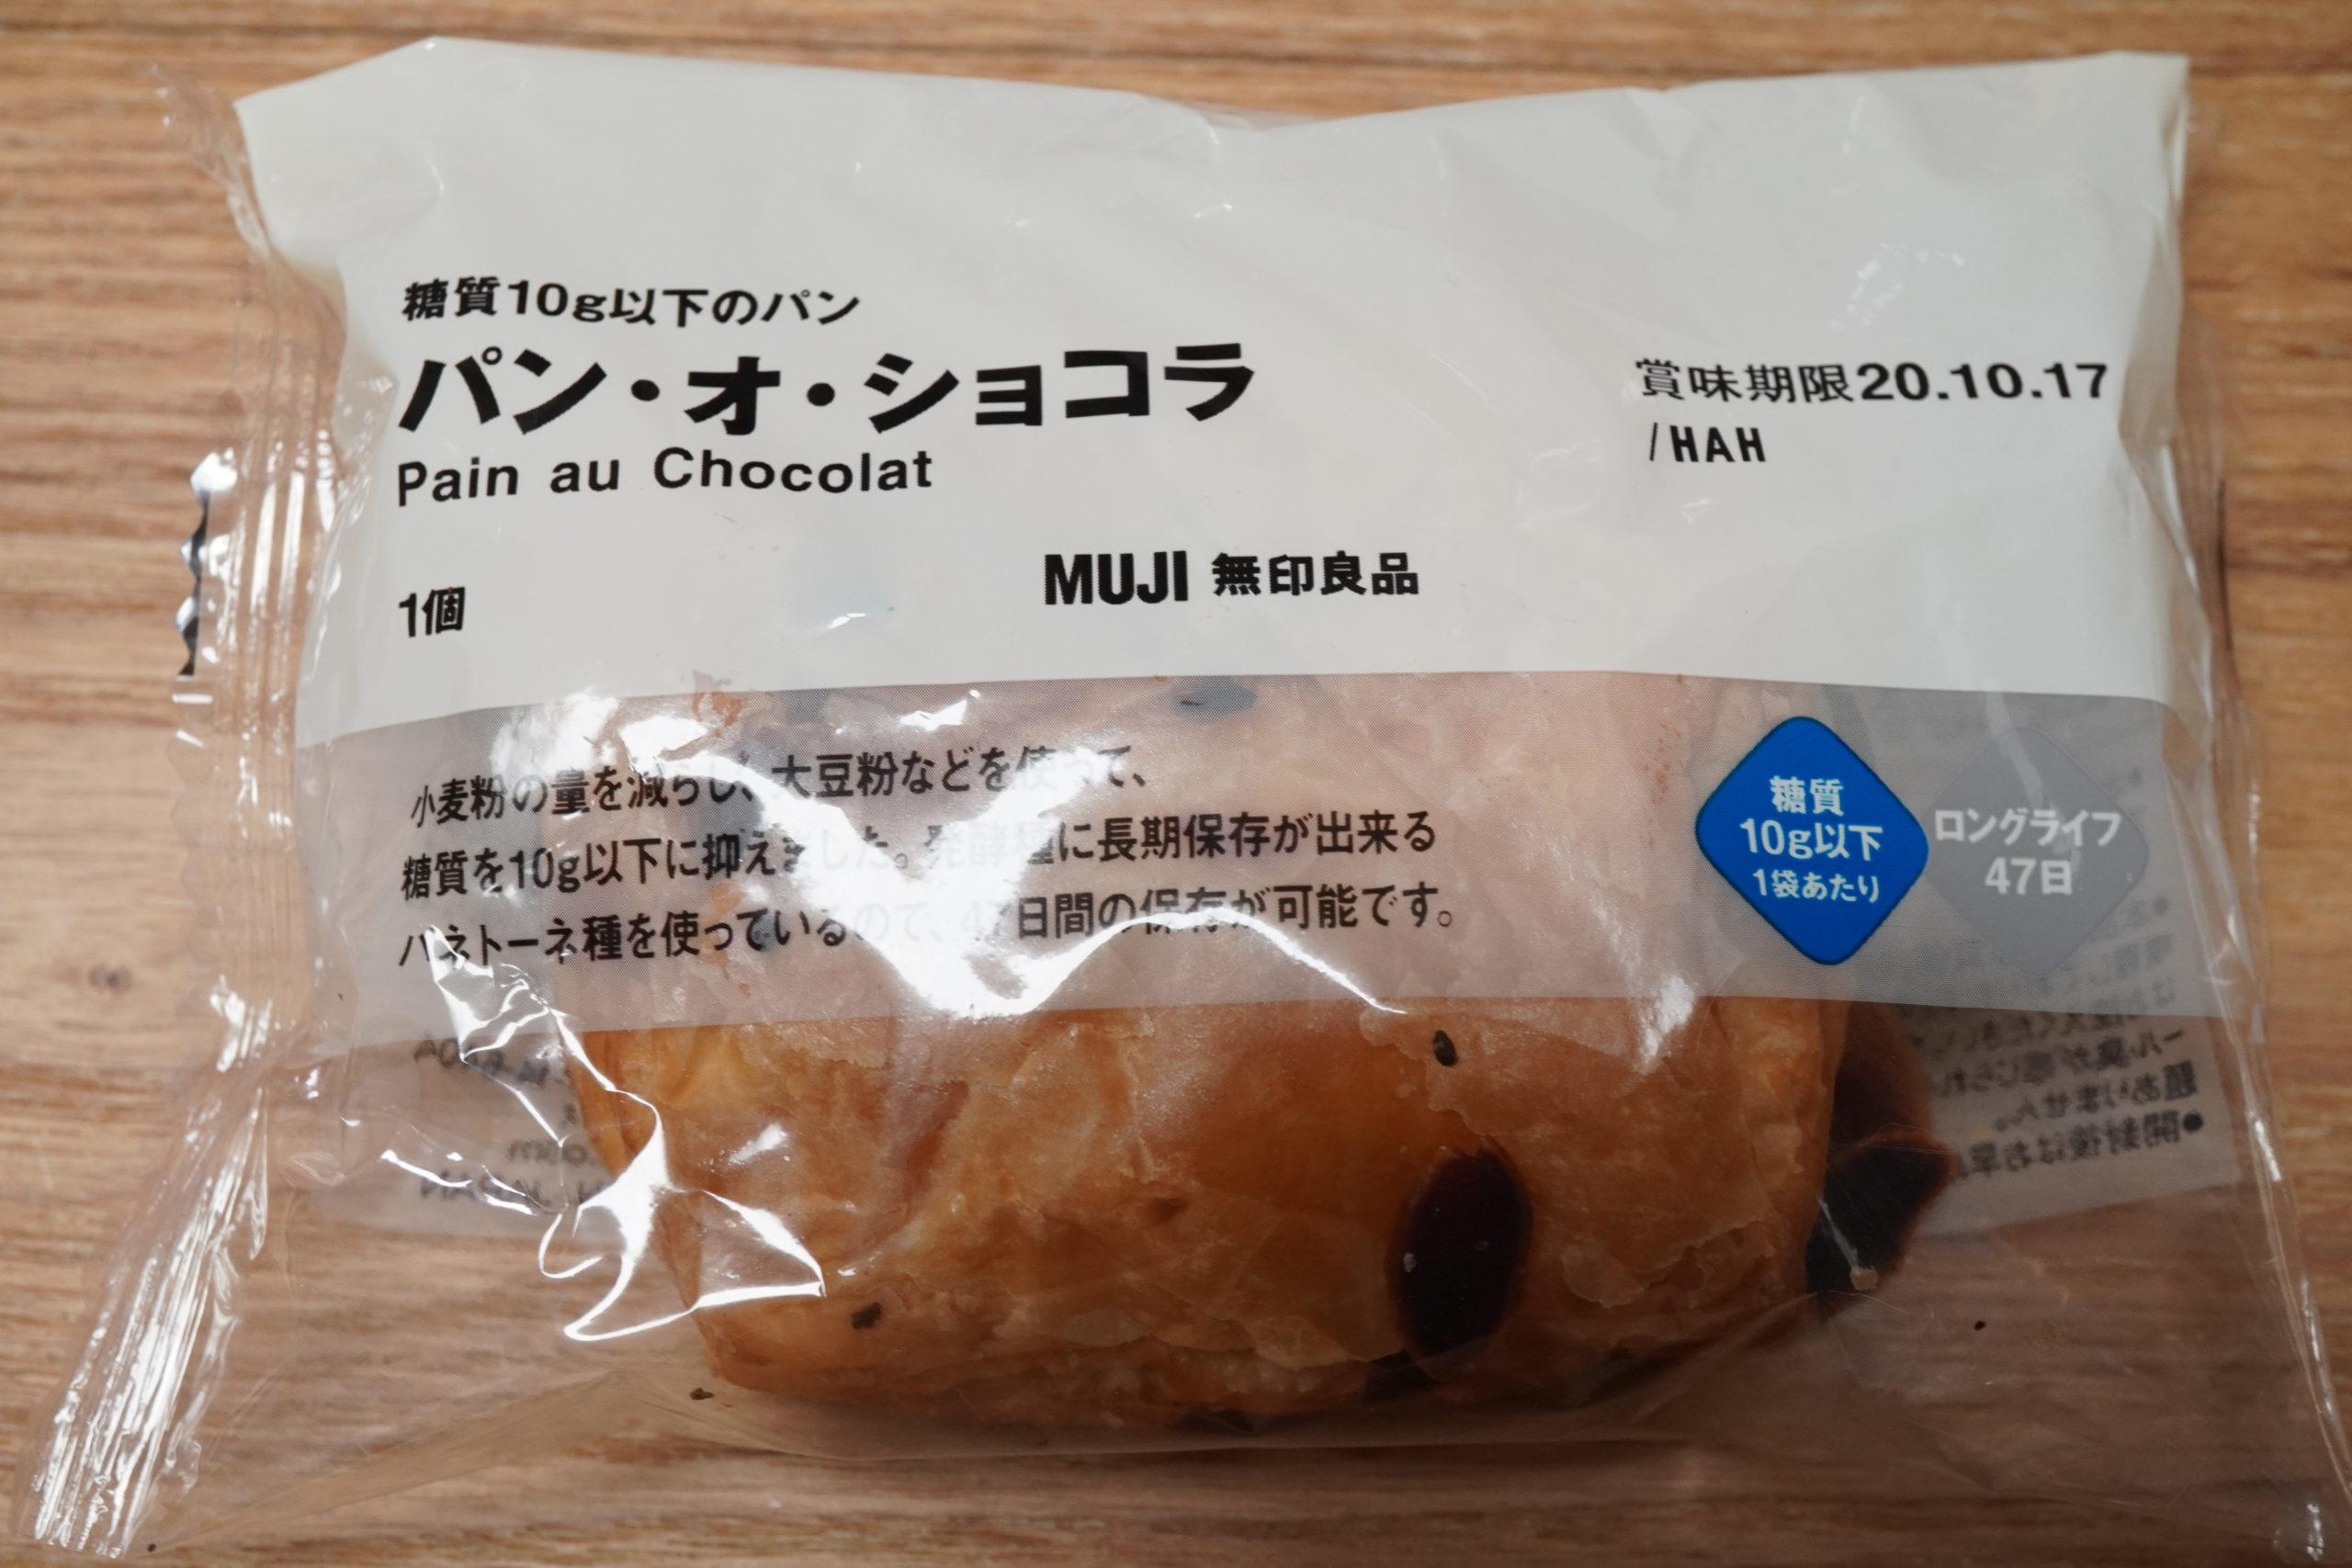 糖質10g以下のパン パン・オ・ショコラ